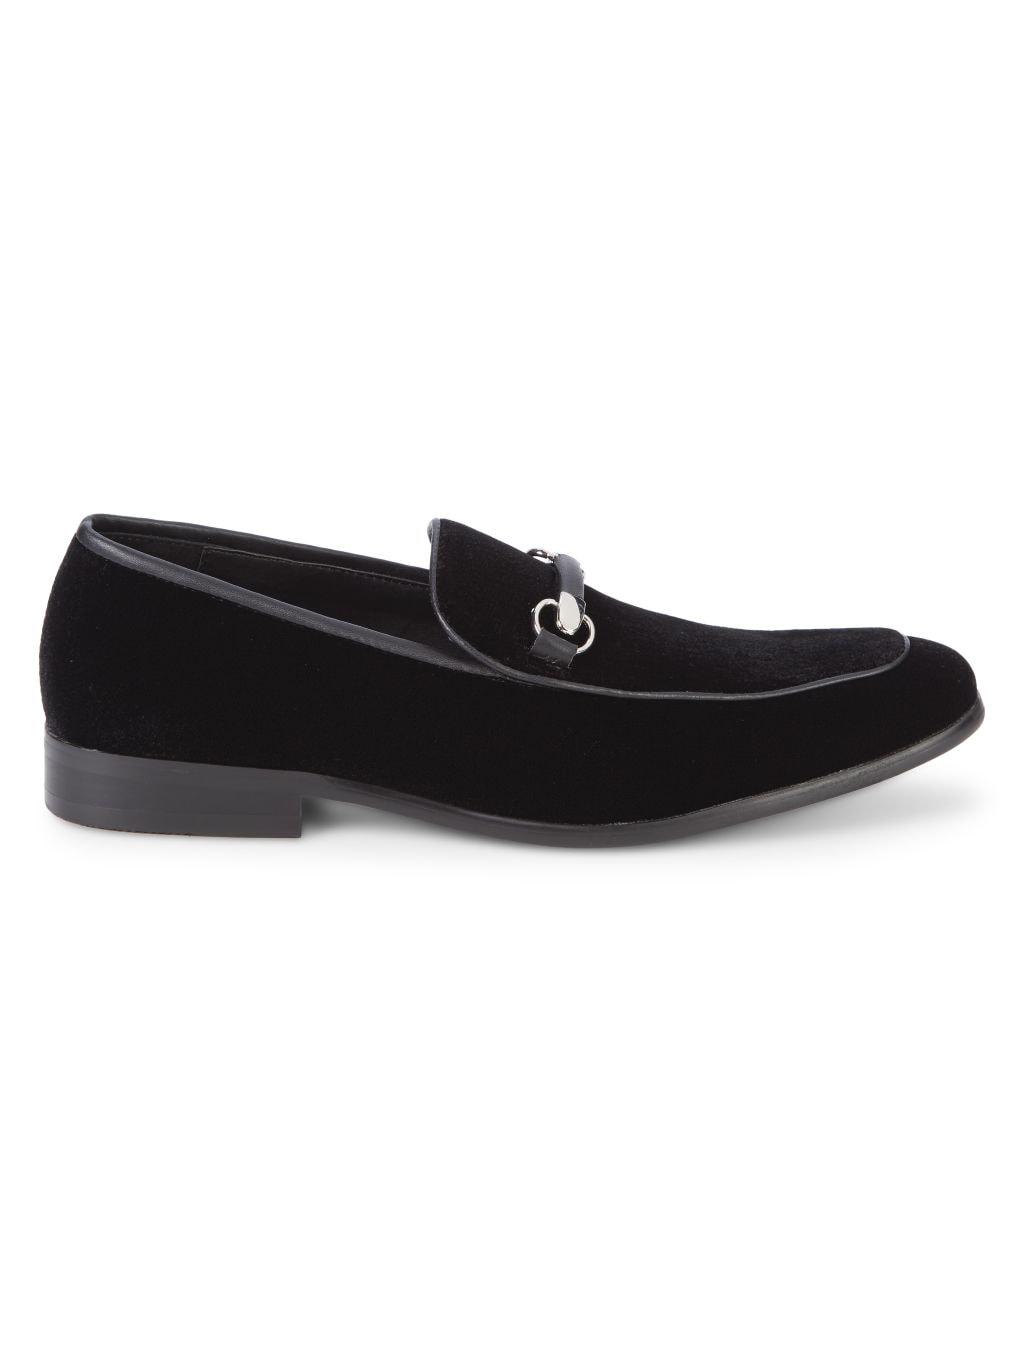 Saks Fifth Avenue Dolo Velvet Bit Loafers